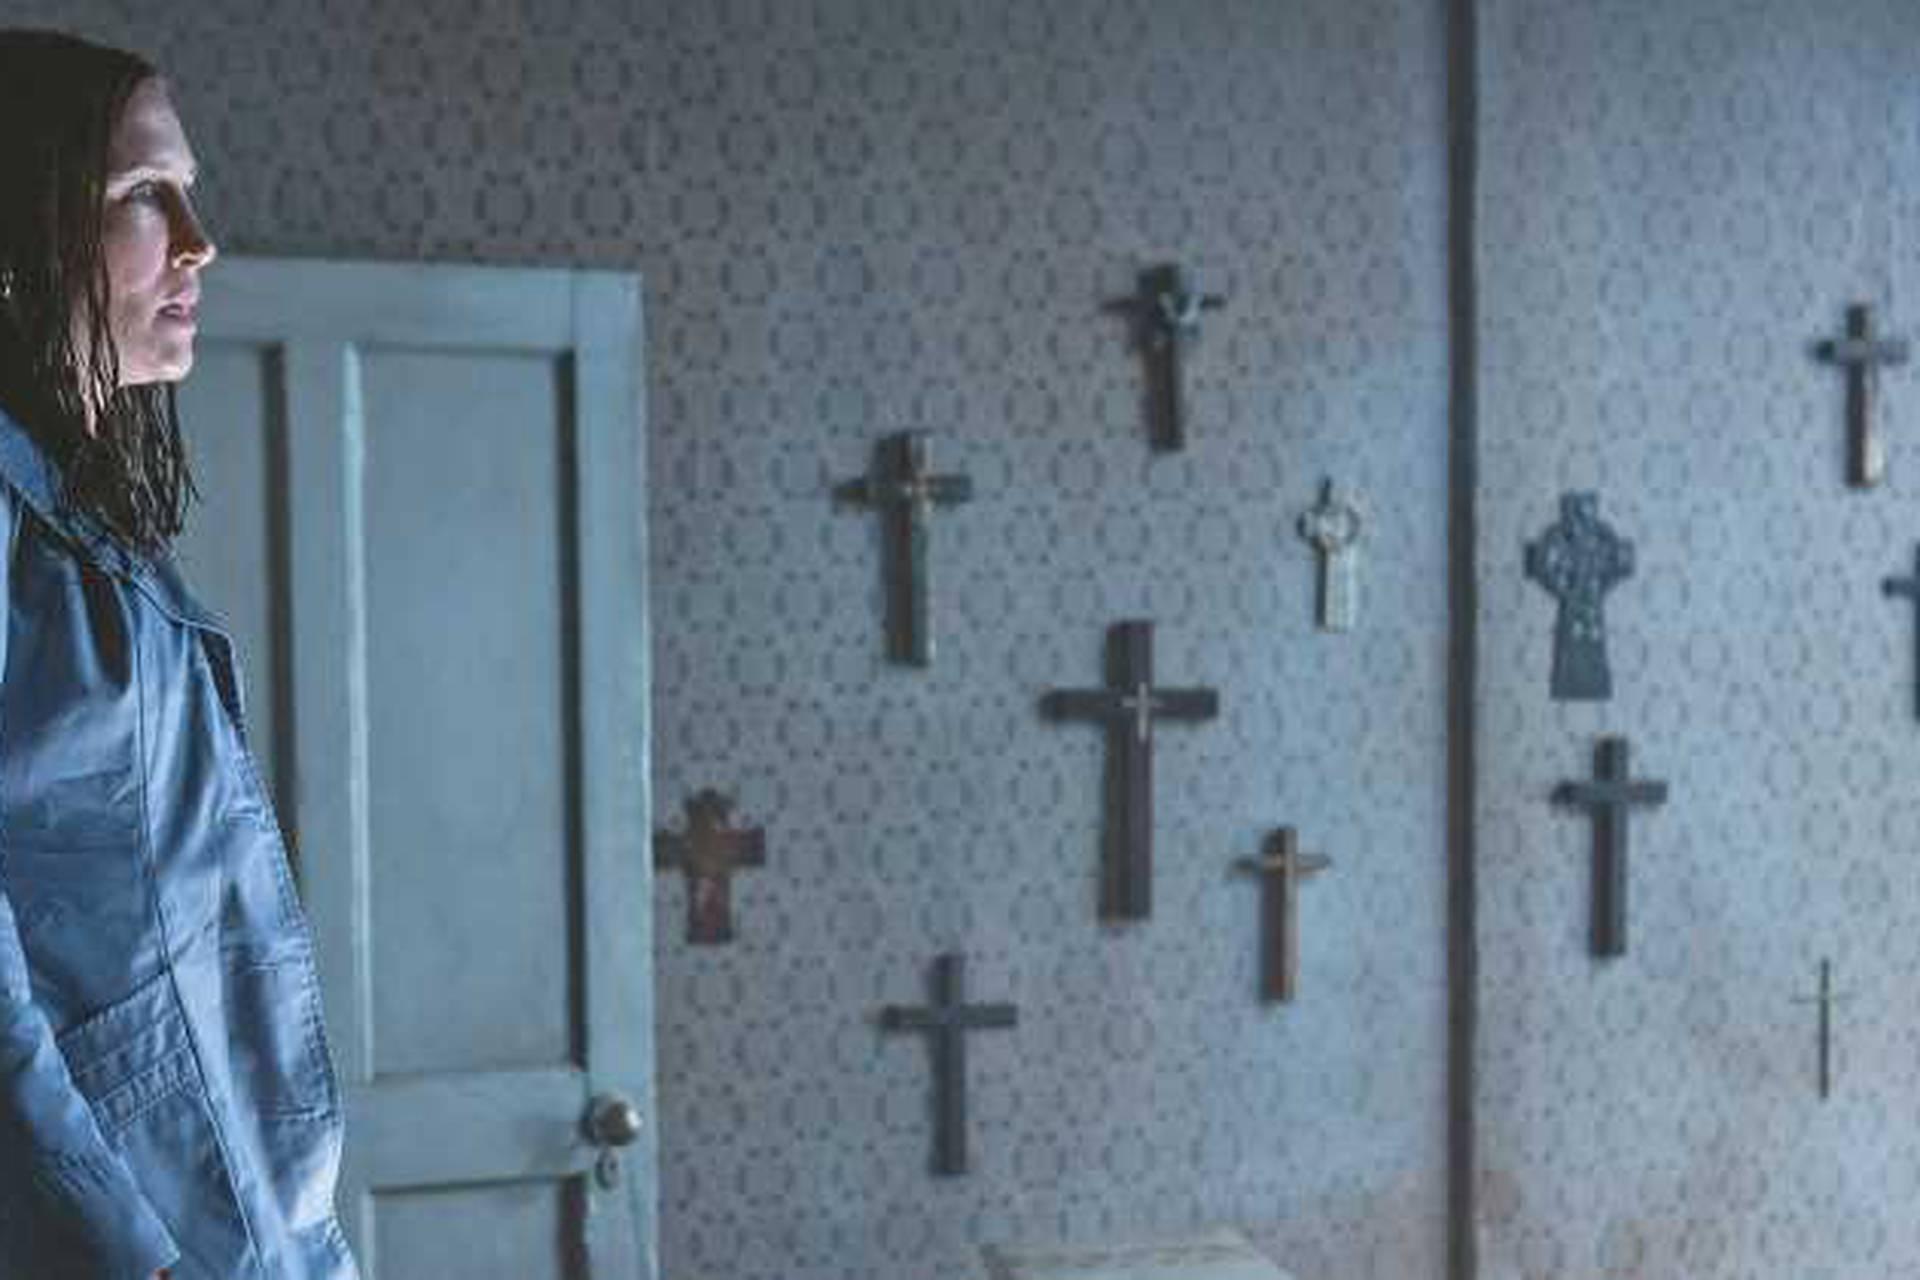 Estudio revela cuál es la película más aterradora de todos los tiempos, aquí le contamos.